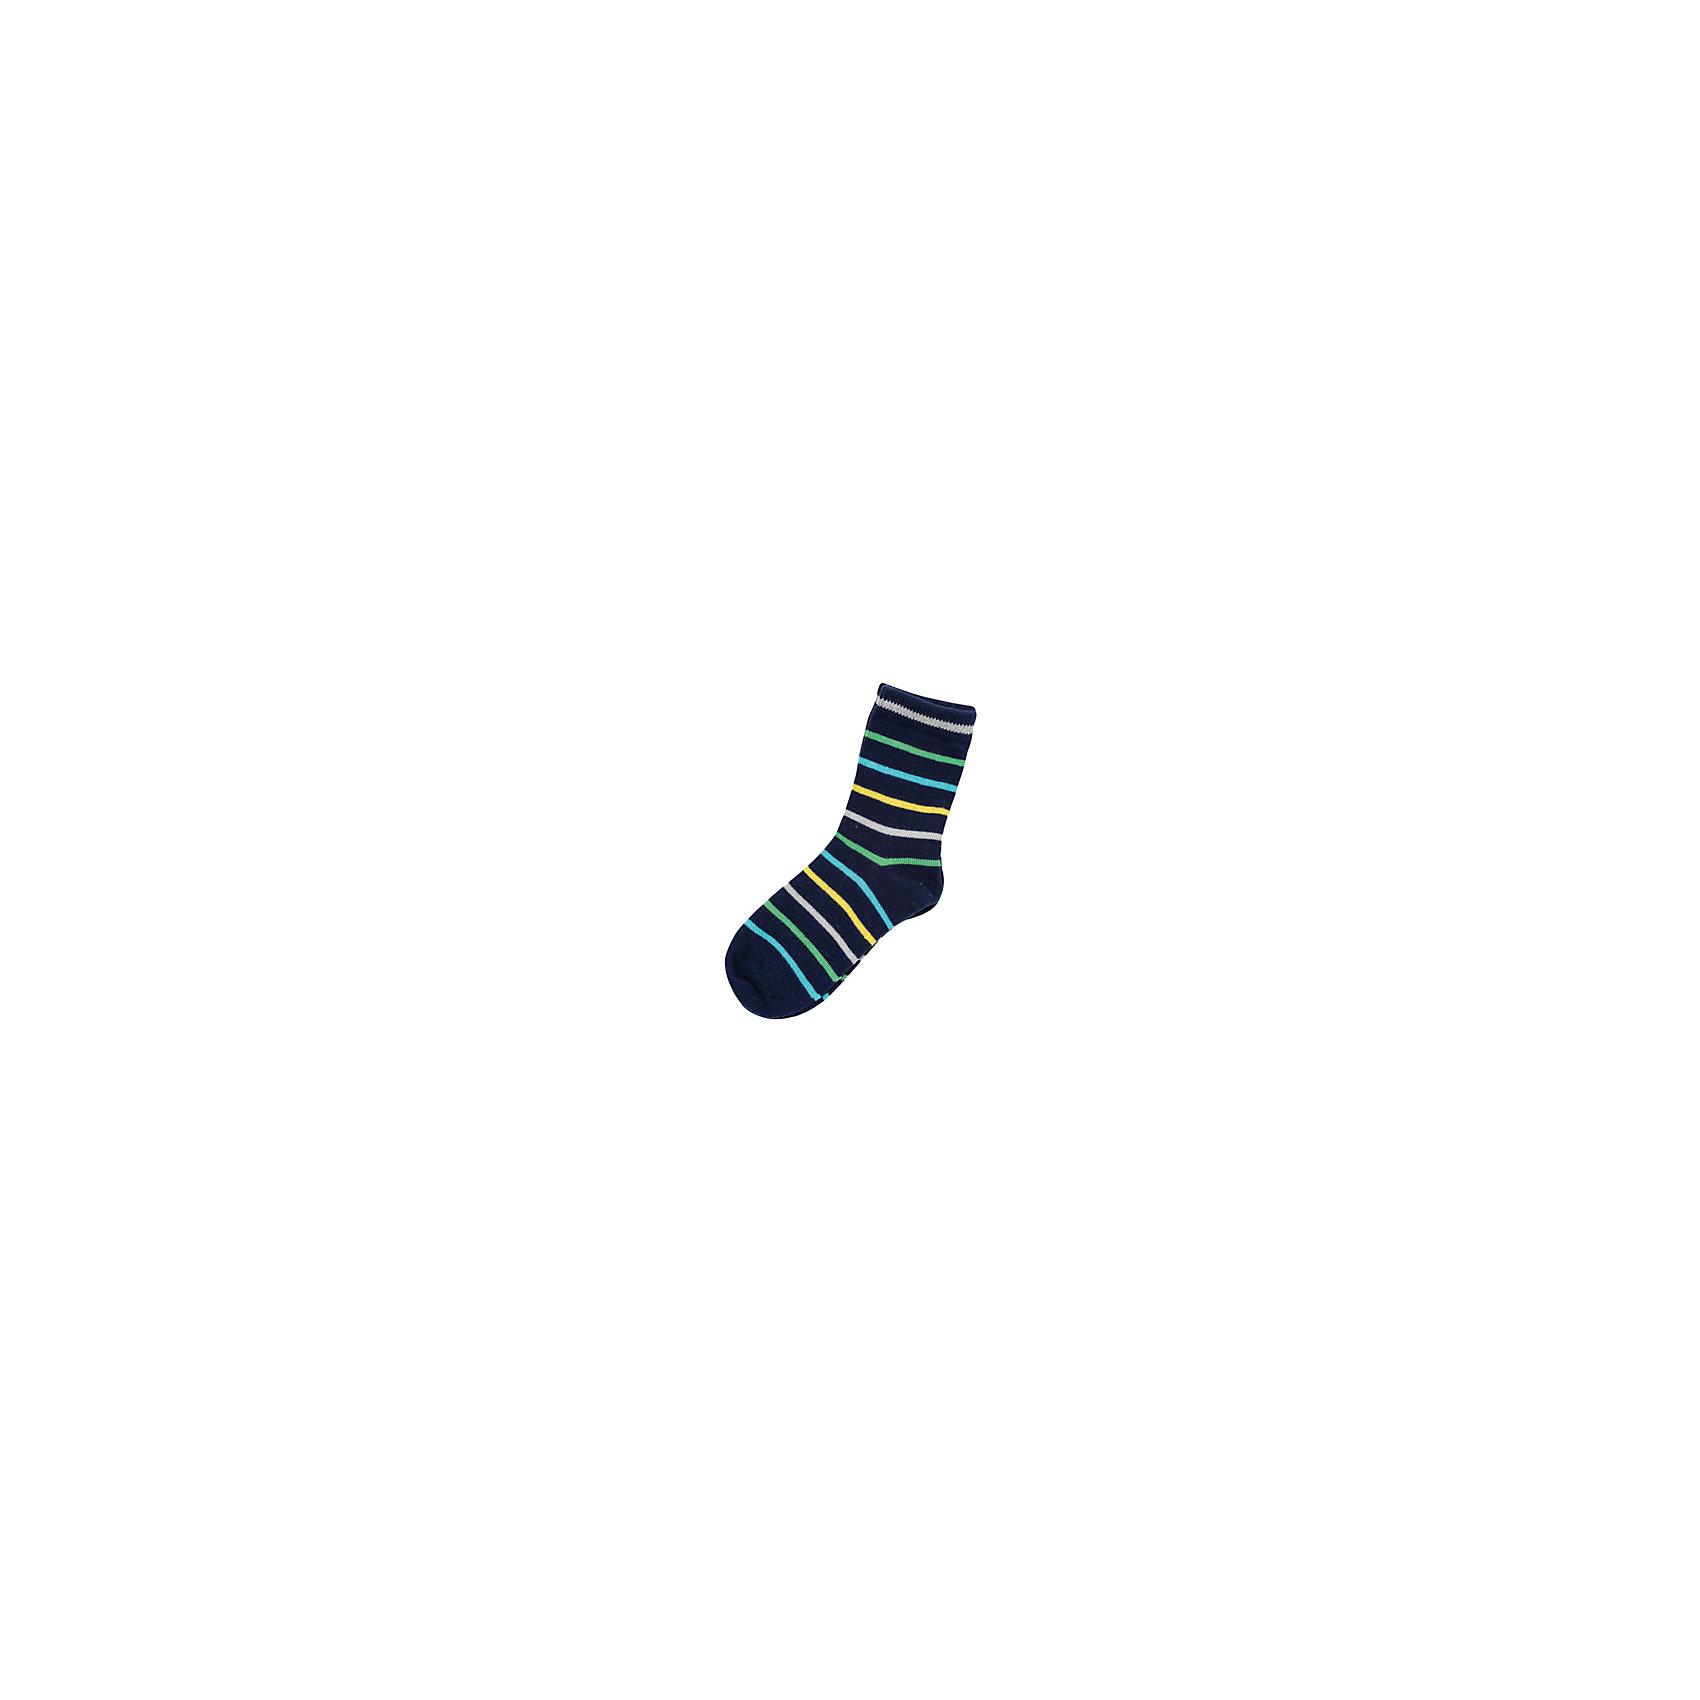 Носки для мальчика PlayTodayНоски для мальчика от известного бренда PlayToday.<br>Уютные полосатые носочки на каждый день. Верх на мягкой резинке.<br>Состав:<br>75% хлопок, 22% нейлон, 3% эластан<br><br>Ширина мм: 87<br>Глубина мм: 10<br>Высота мм: 105<br>Вес г: 115<br>Цвет: разноцветный<br>Возраст от месяцев: 15<br>Возраст до месяцев: 24<br>Пол: Мужской<br>Возраст: Детский<br>Размер: 18,16,14<br>SKU: 4898369